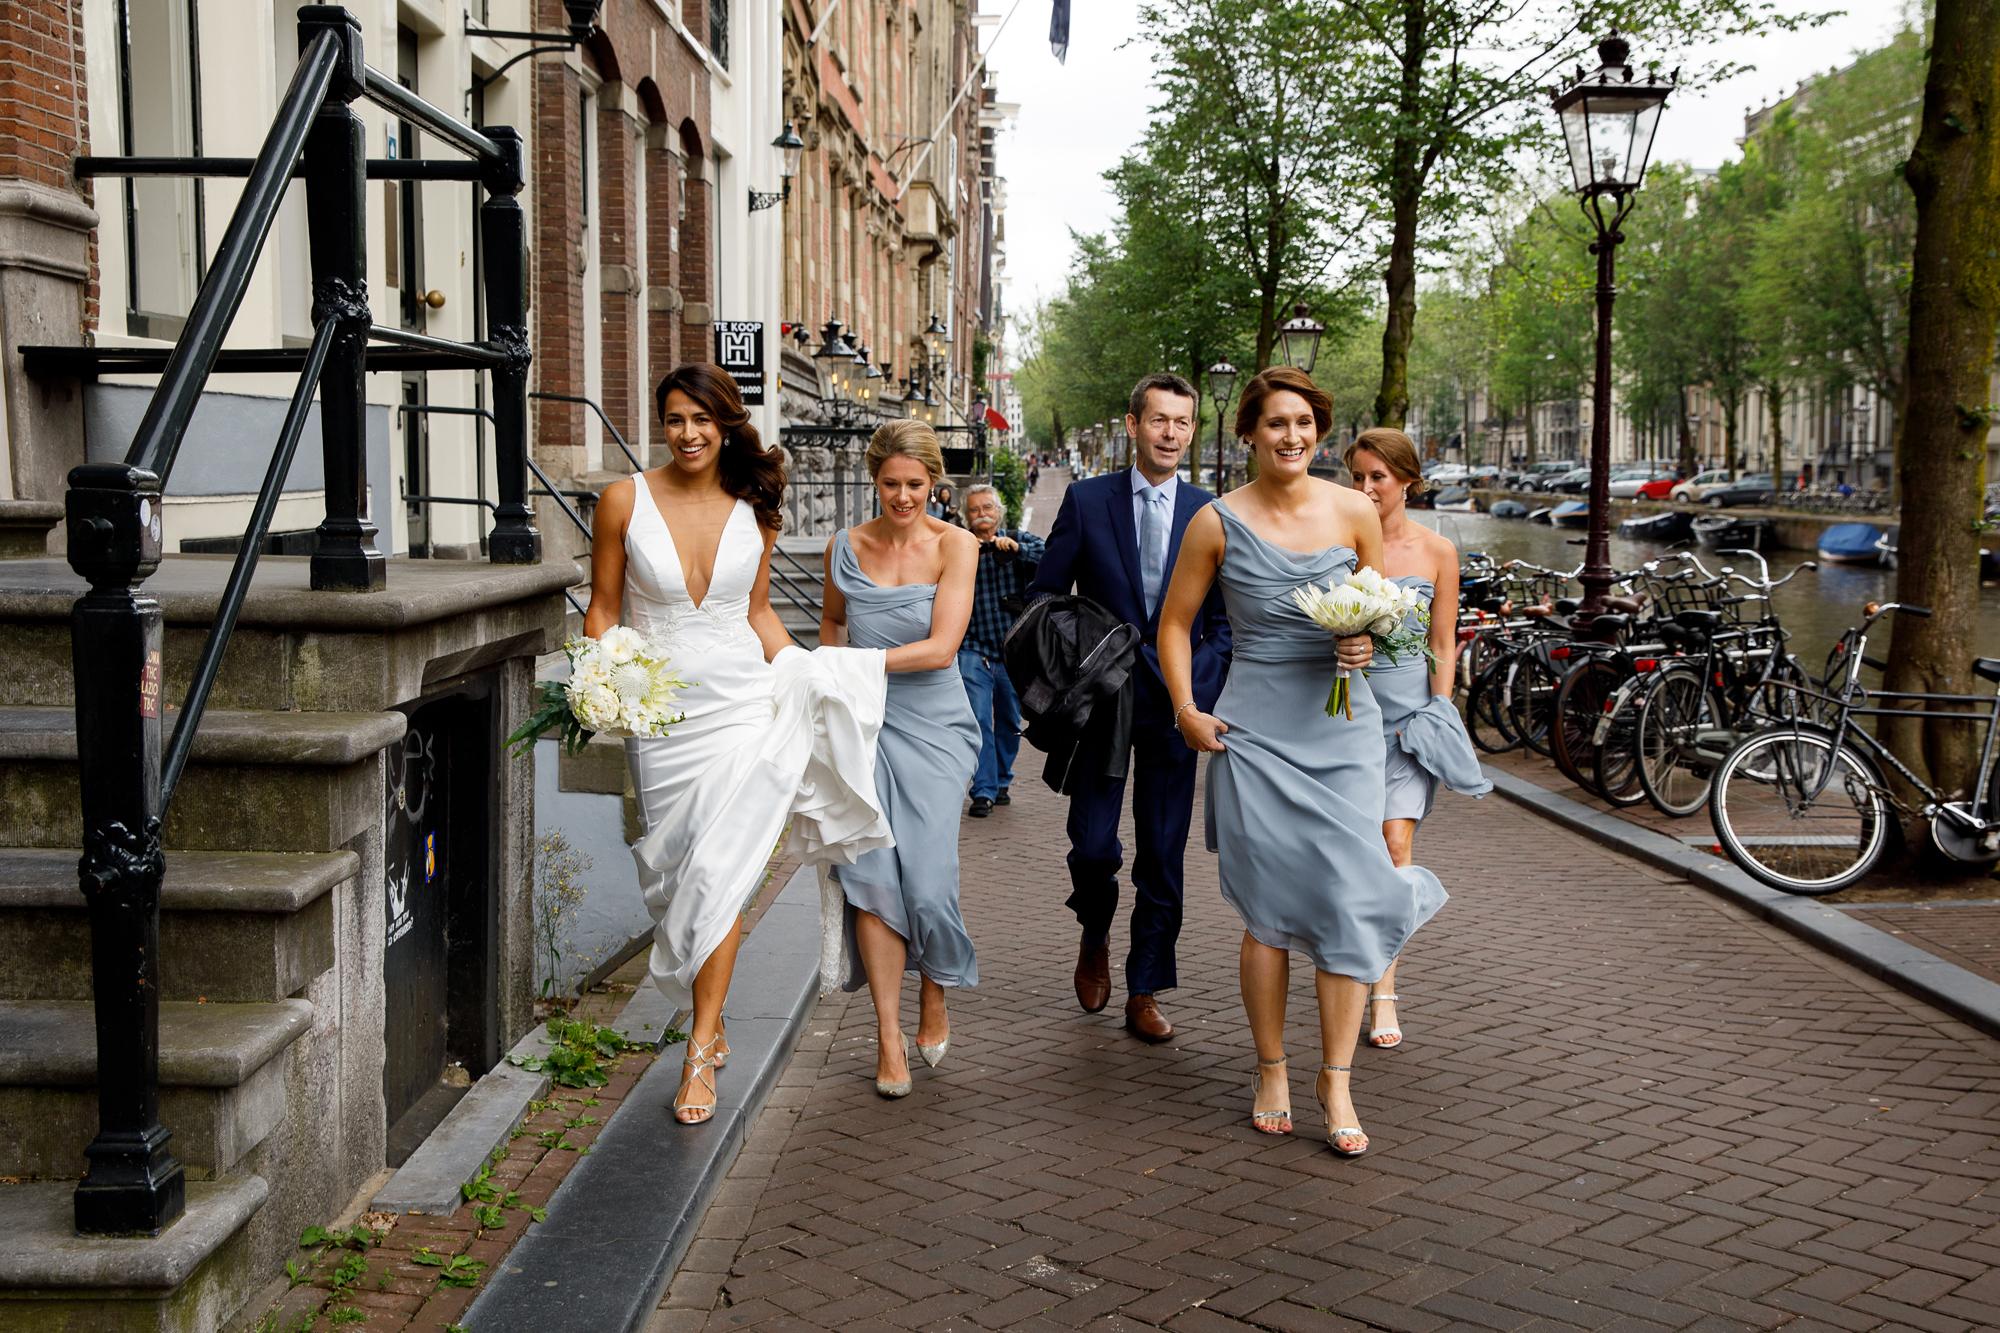 A.P Bloem wedding bruiloft florist Amsterdam flowers bloemen trouwen bloemen bloemenwinkel white tropical bride bruidsboeket bride bouquet bruiloft hangar noord event evenement tropical canals grachten